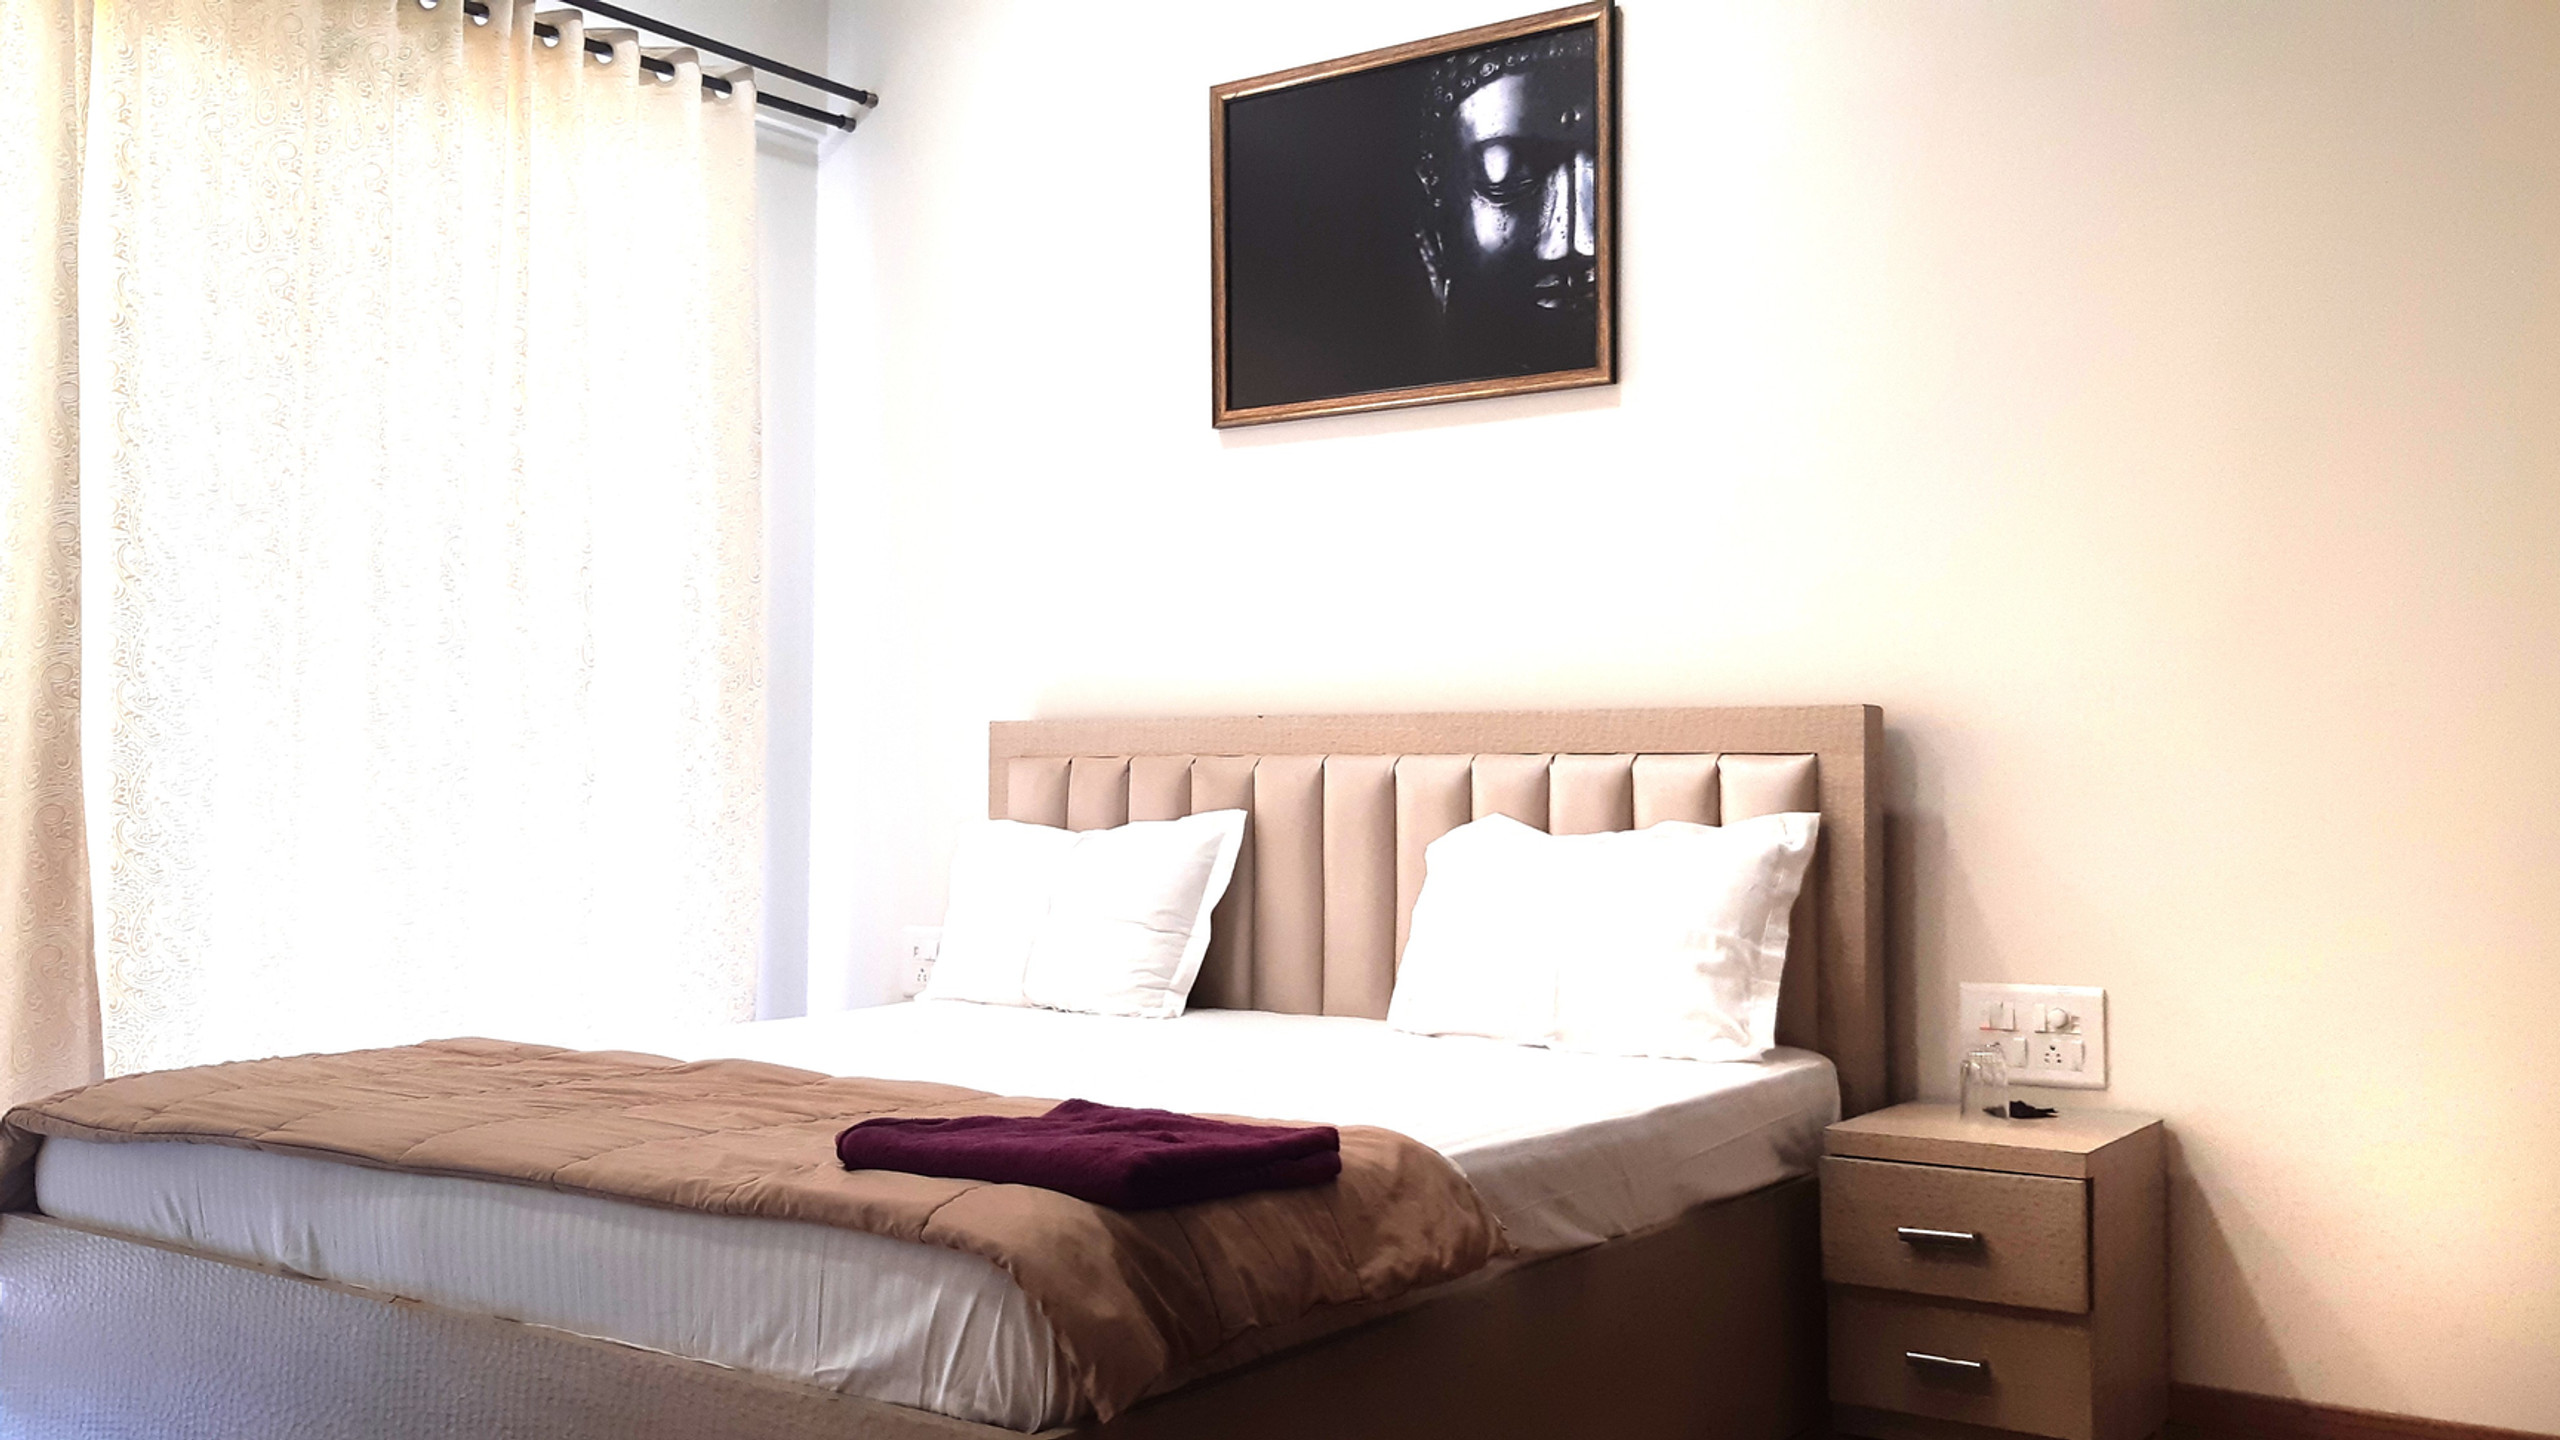 Arista PArel bedroom